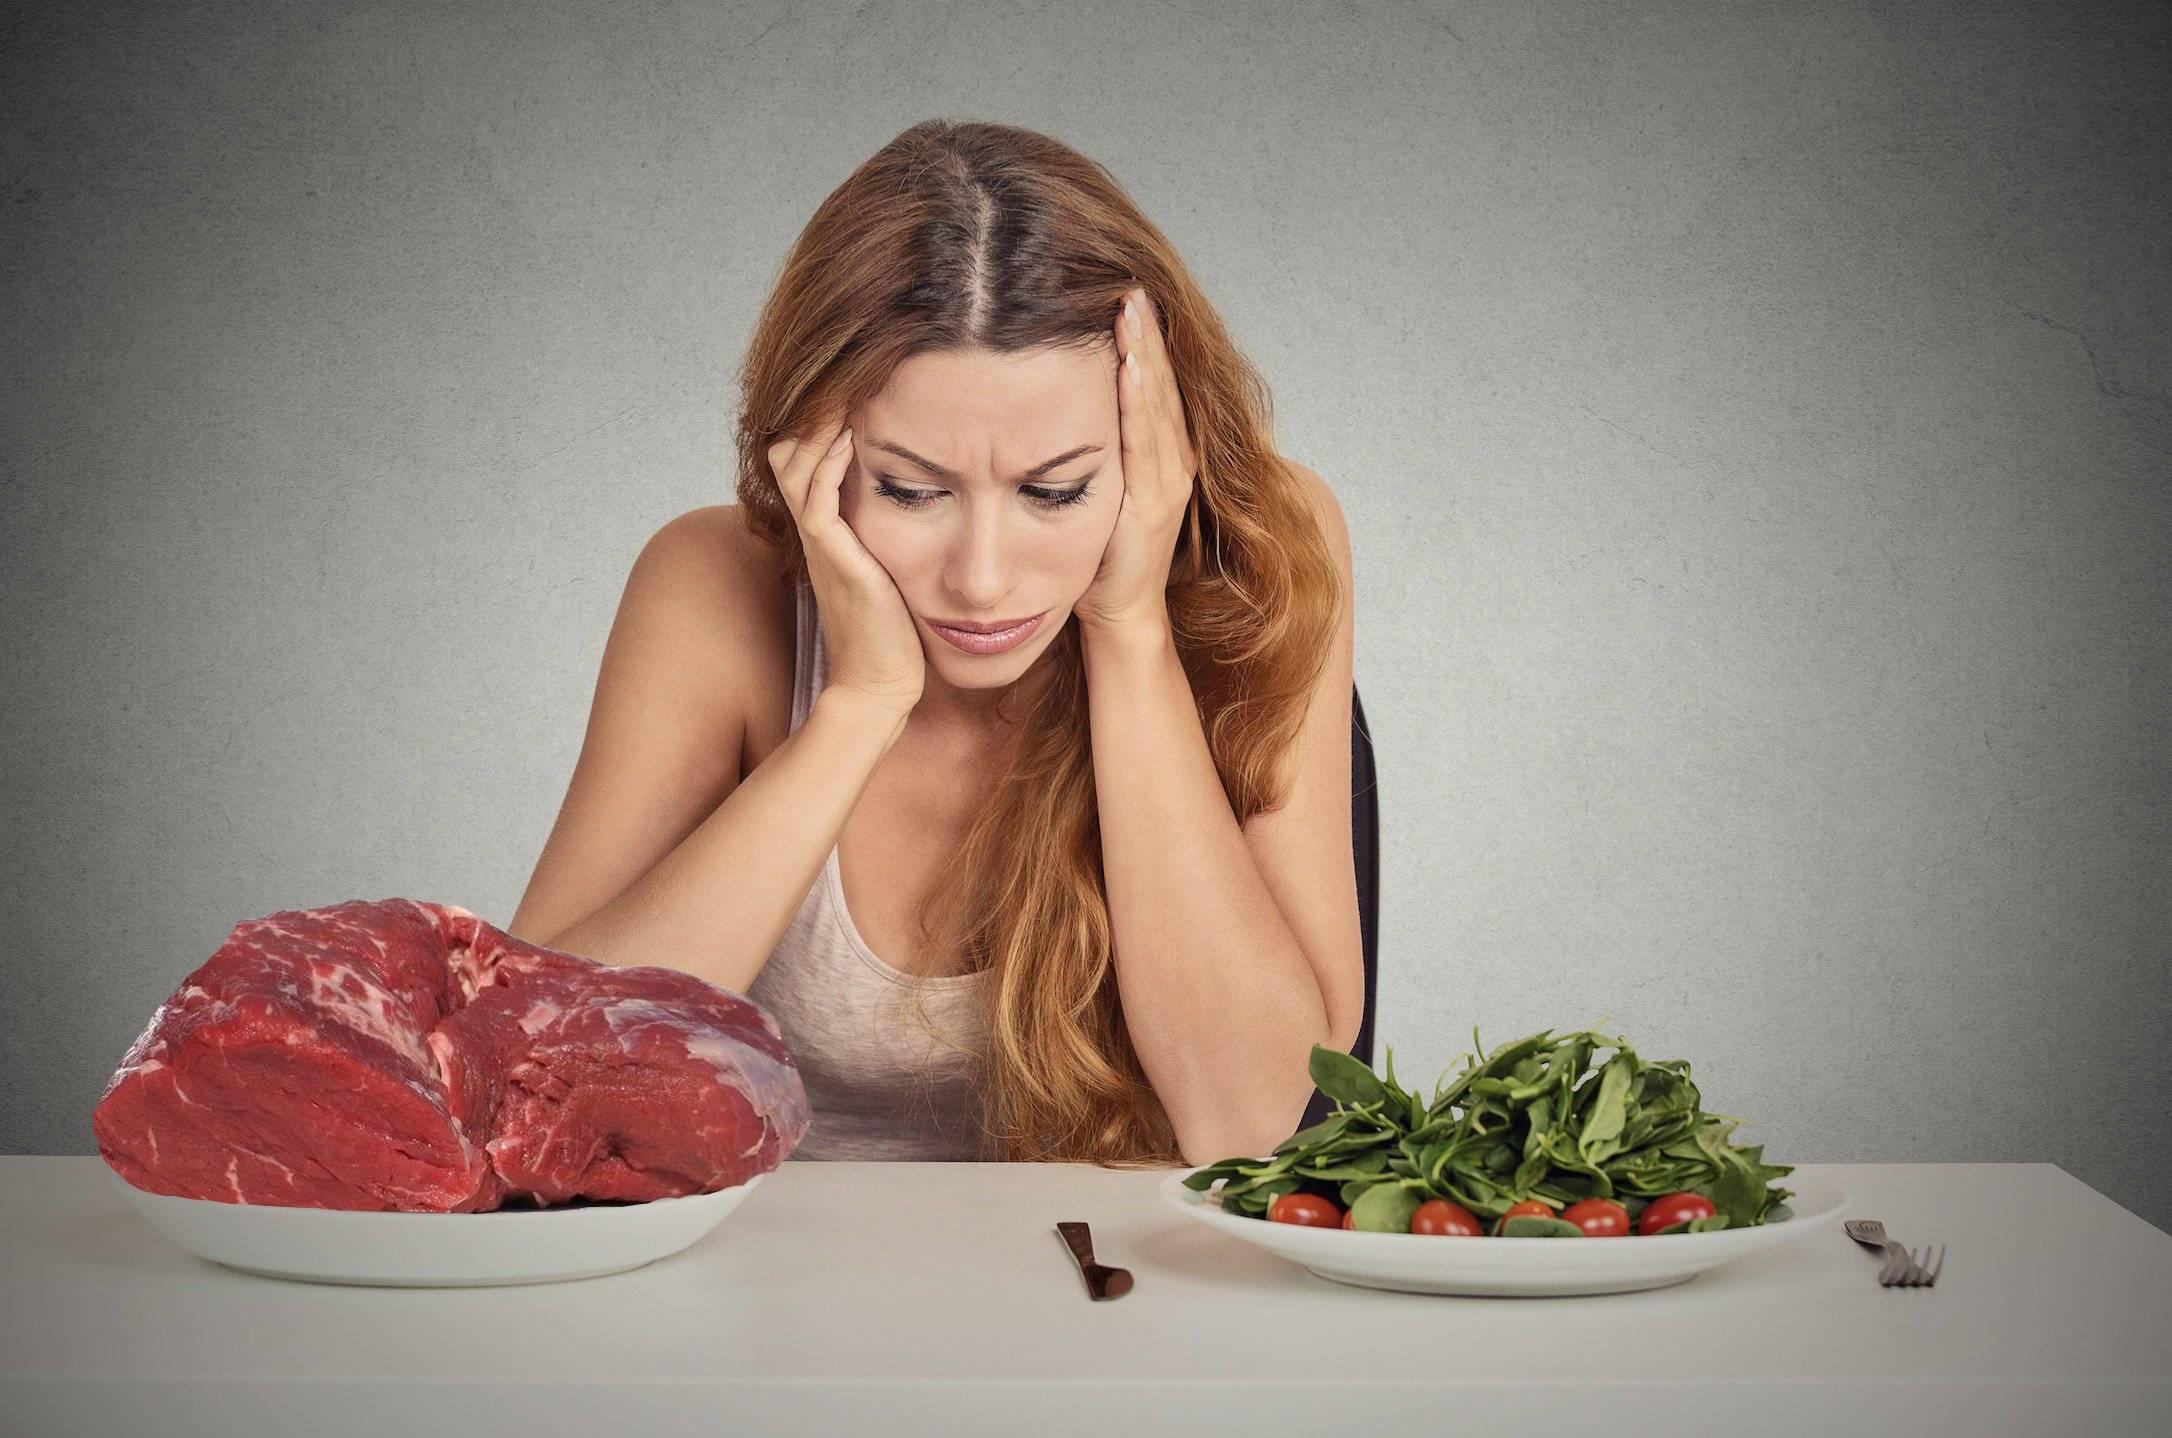 Как и чем утолить голод при похудении: можно ли терпеть и бороться с чувством голода?womfit